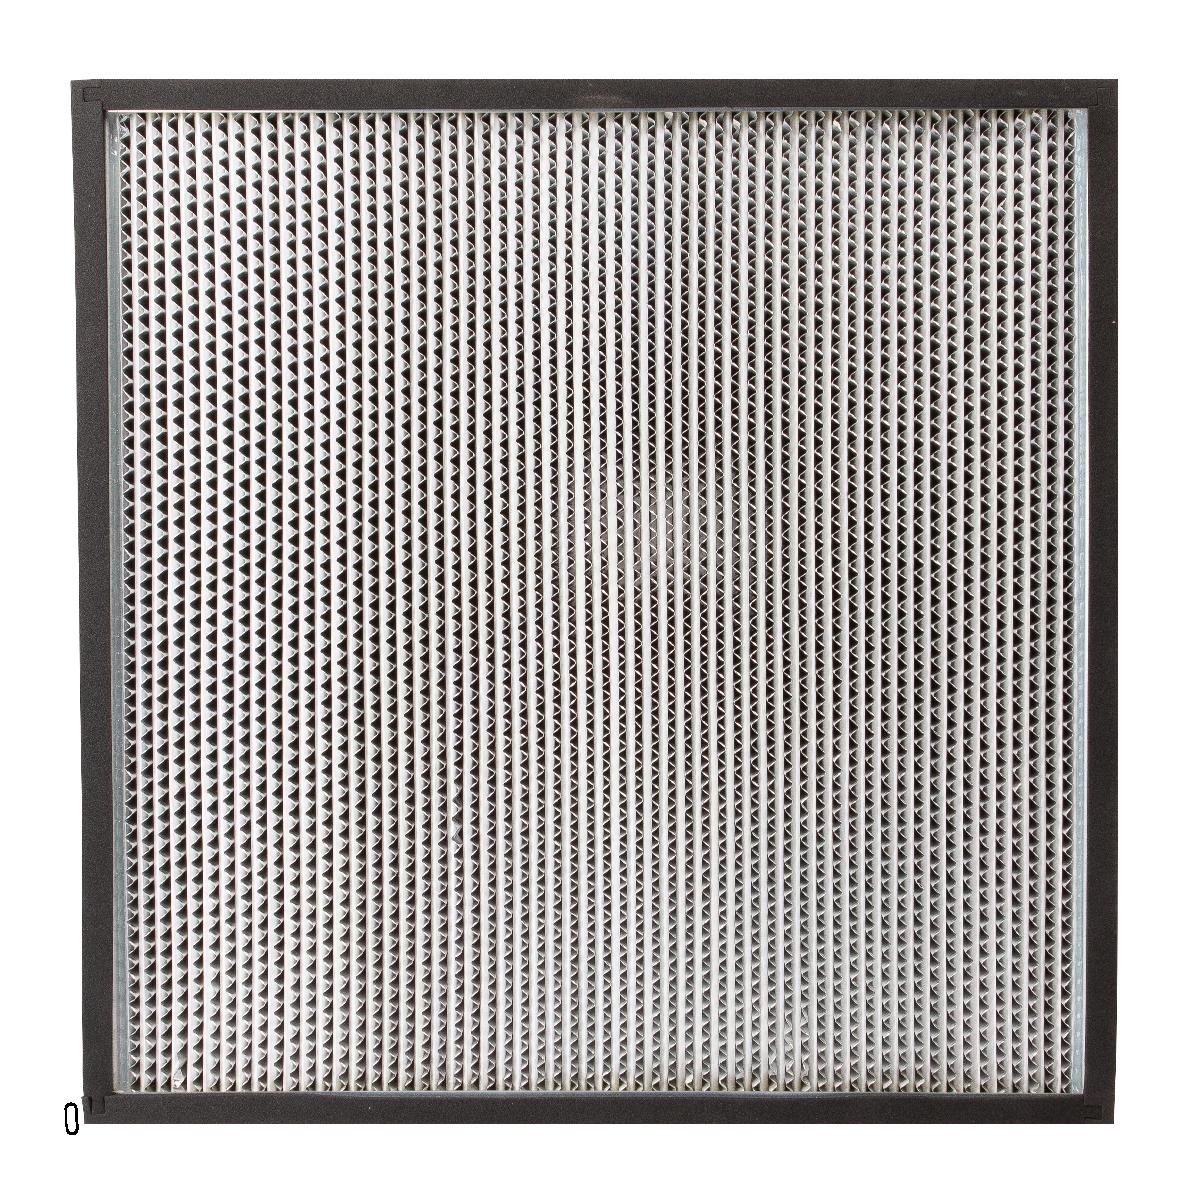 20x24x11 1/2 - SH